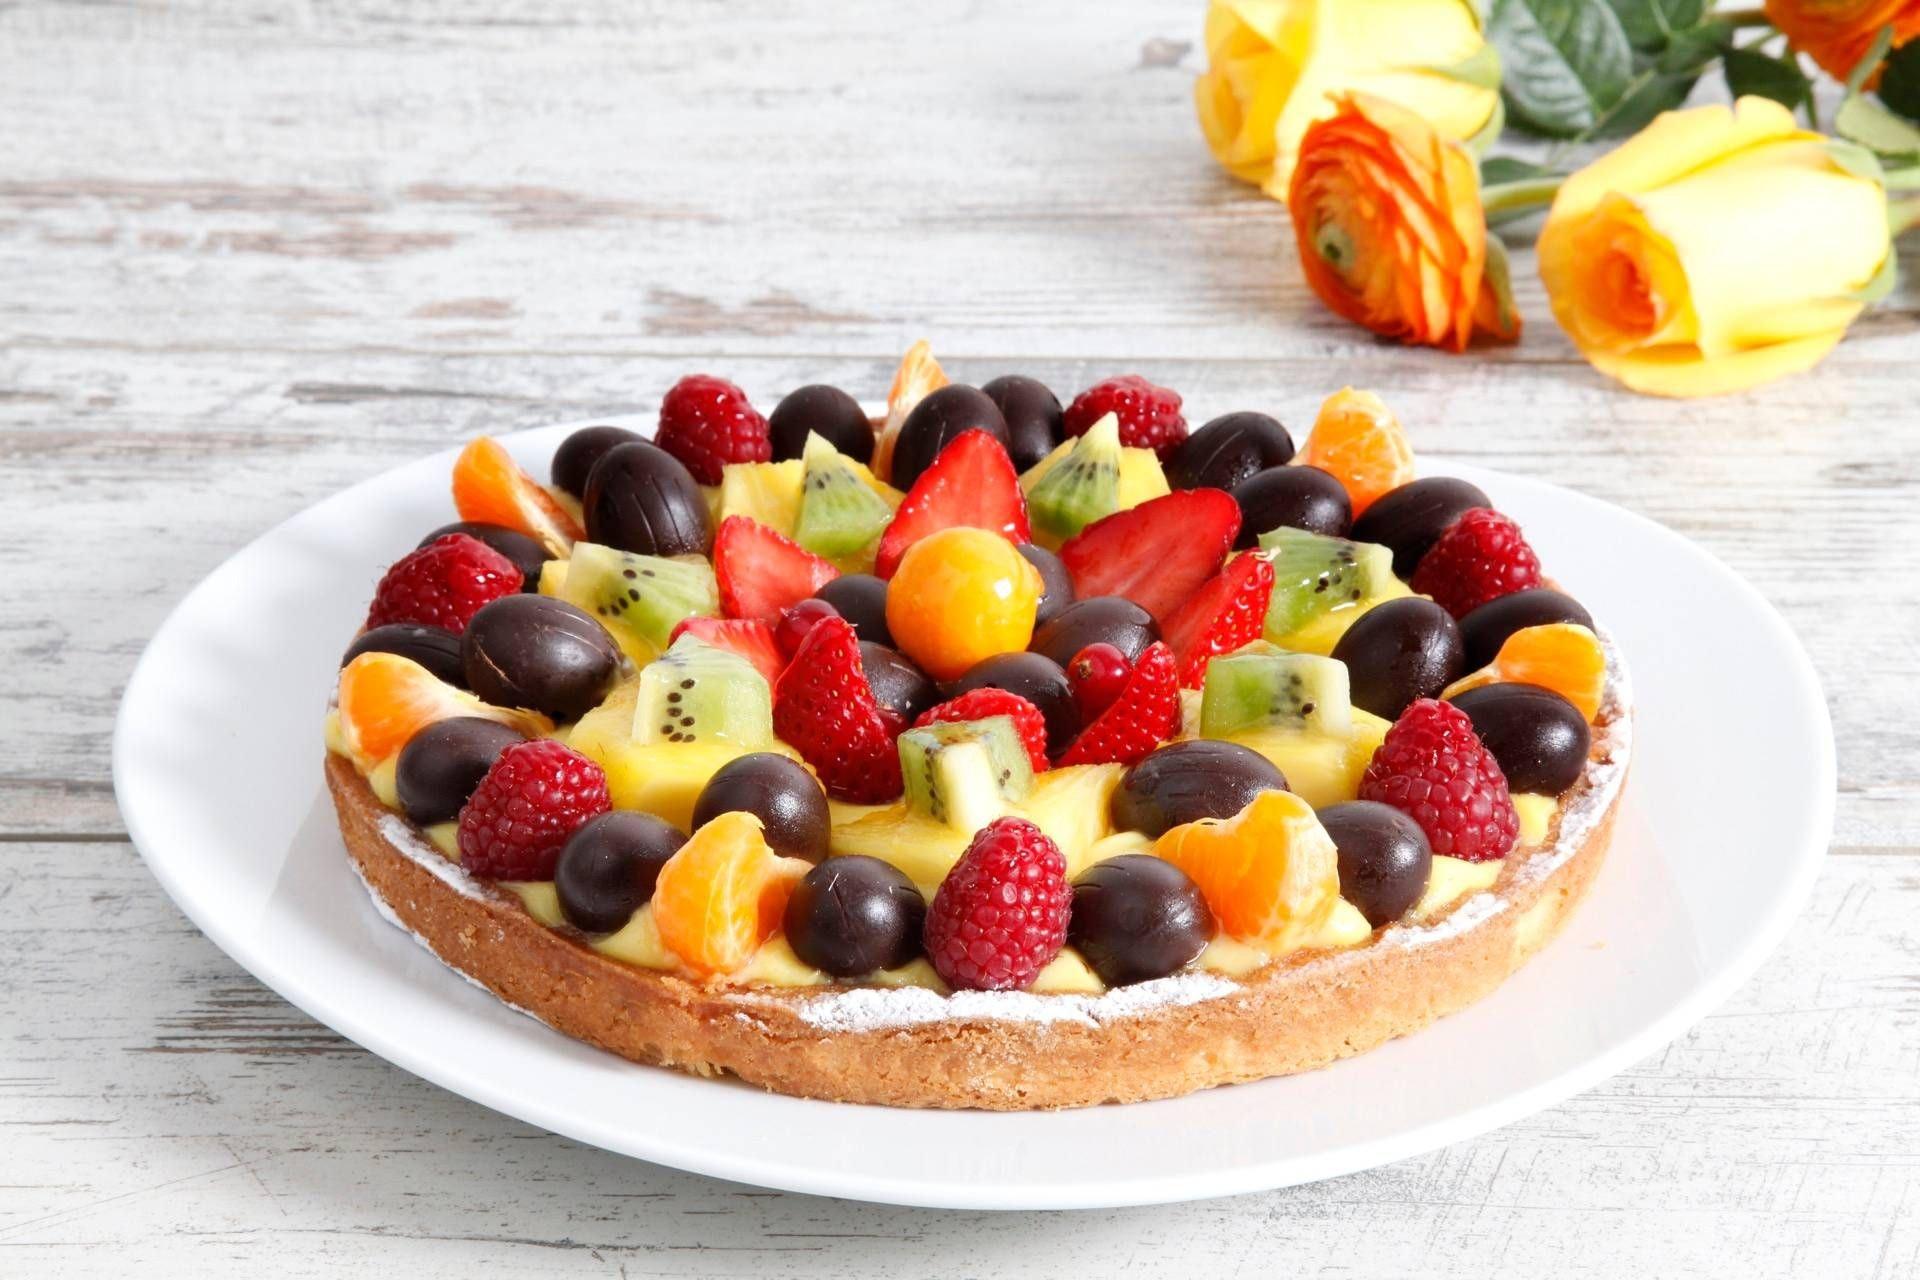 Crostata pasquale con crema pasticcera e frutta - Parmalat